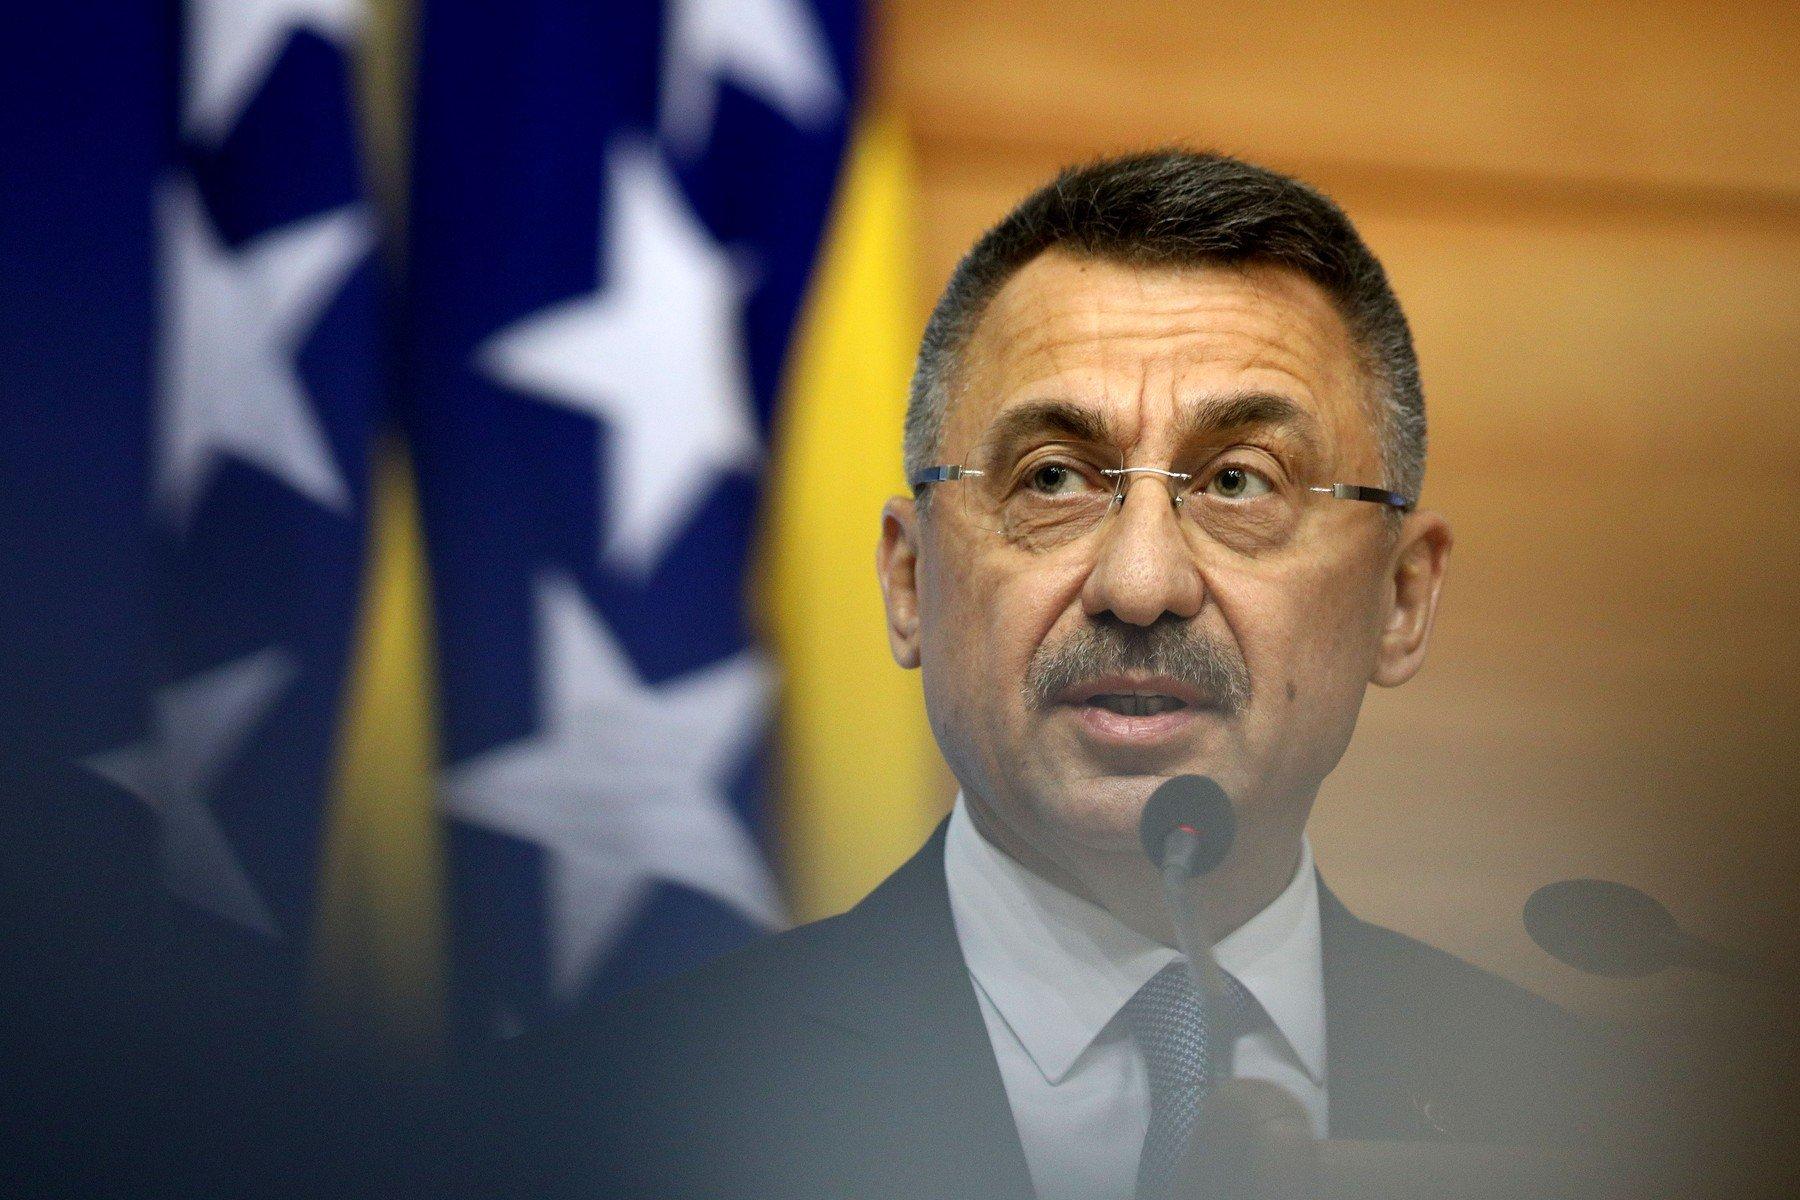 Turski potpredsjednik Fuat Oktay